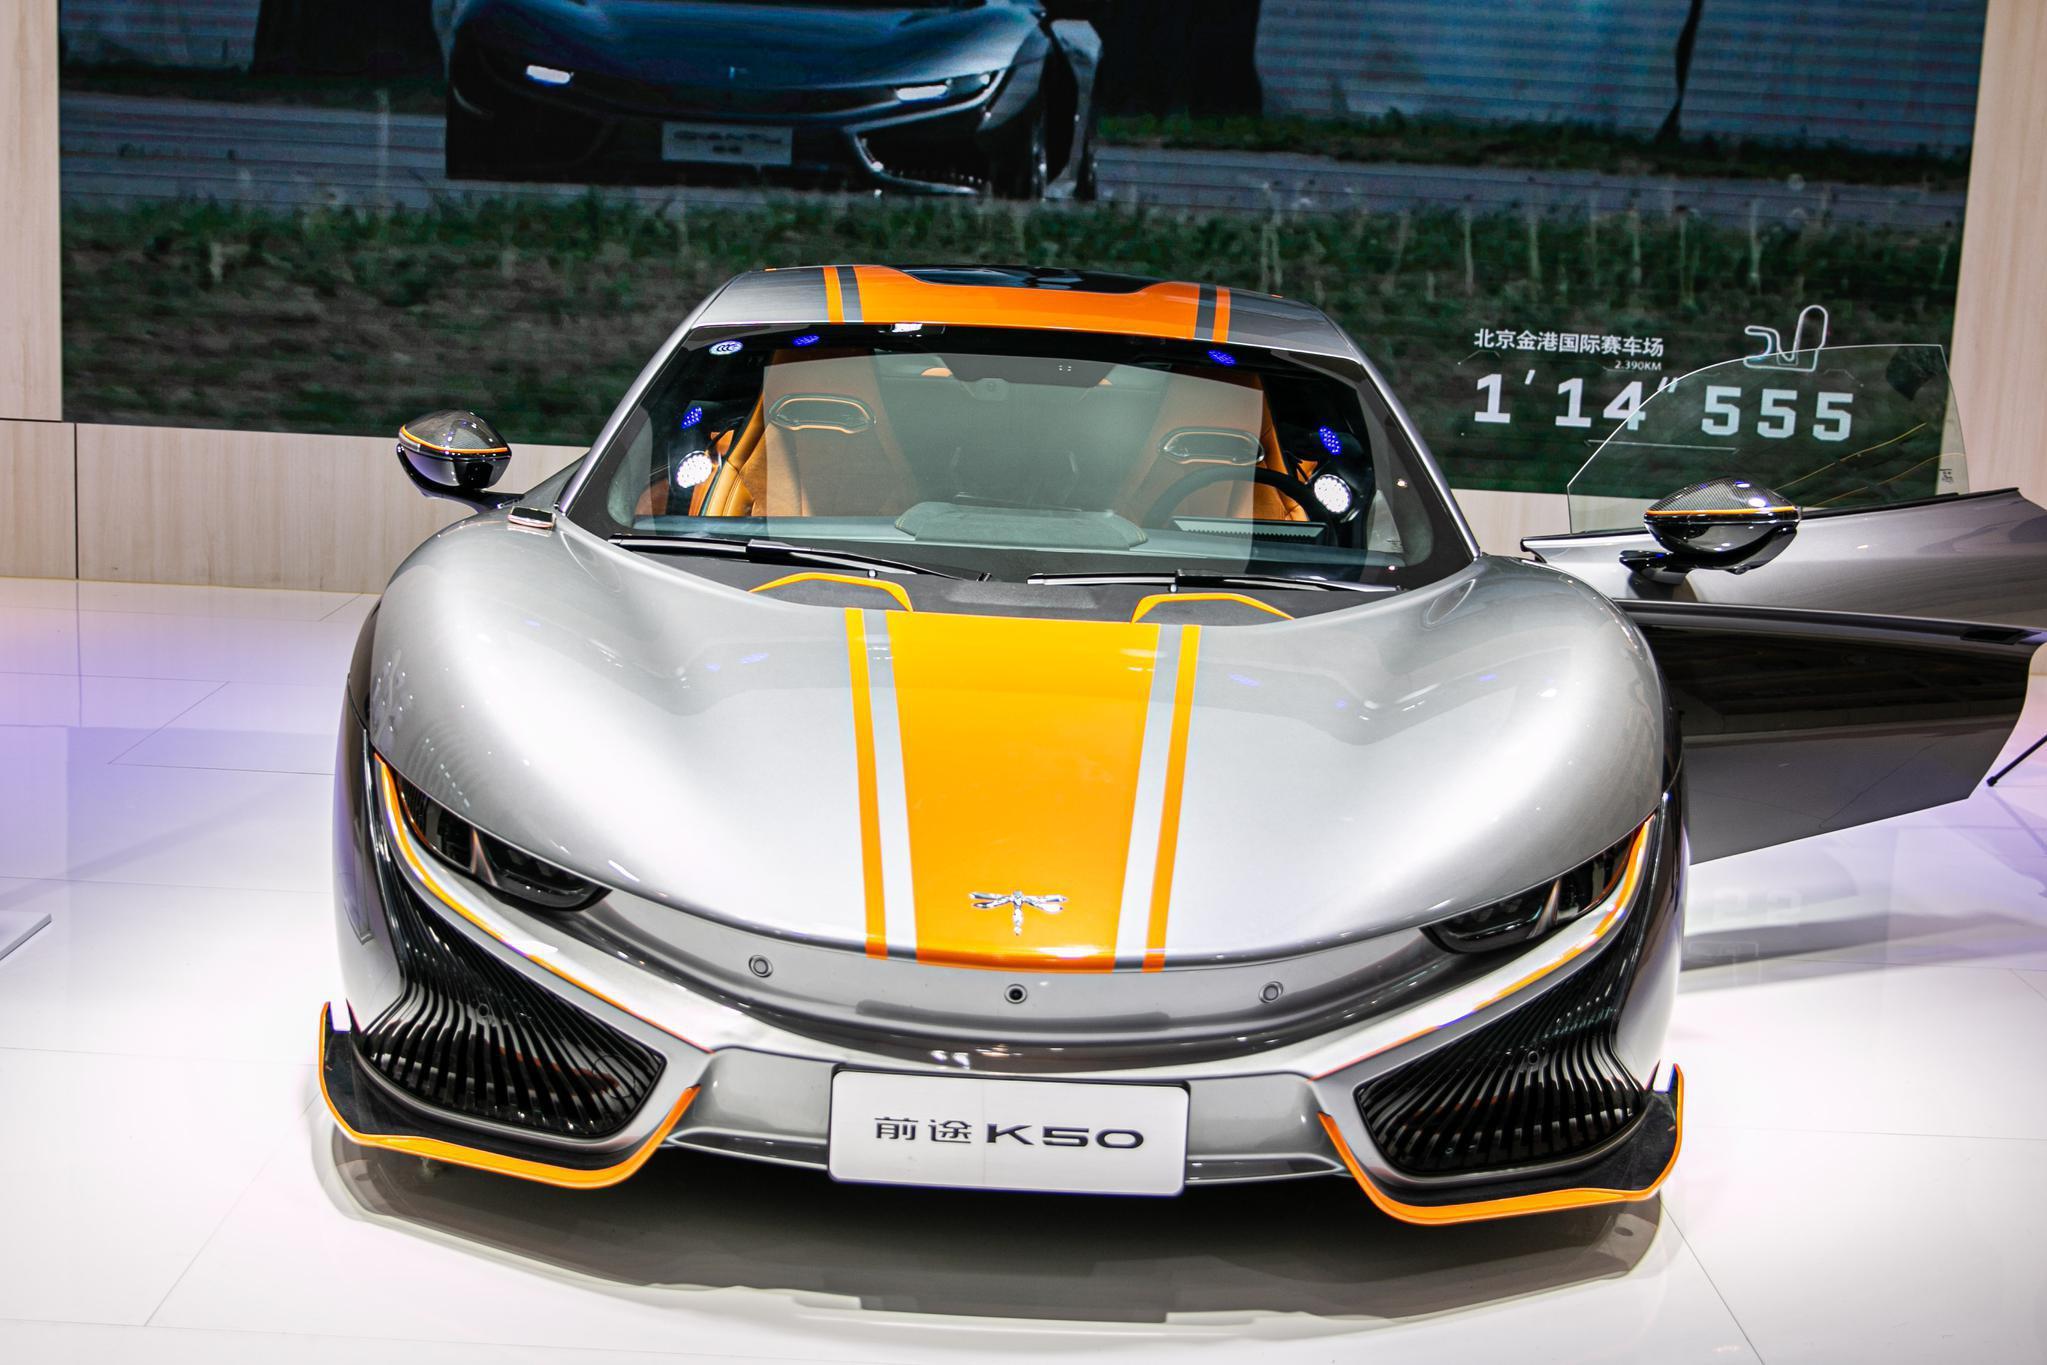 又一款国产装酷神车,网友:外观简直就是百万级别的豪车